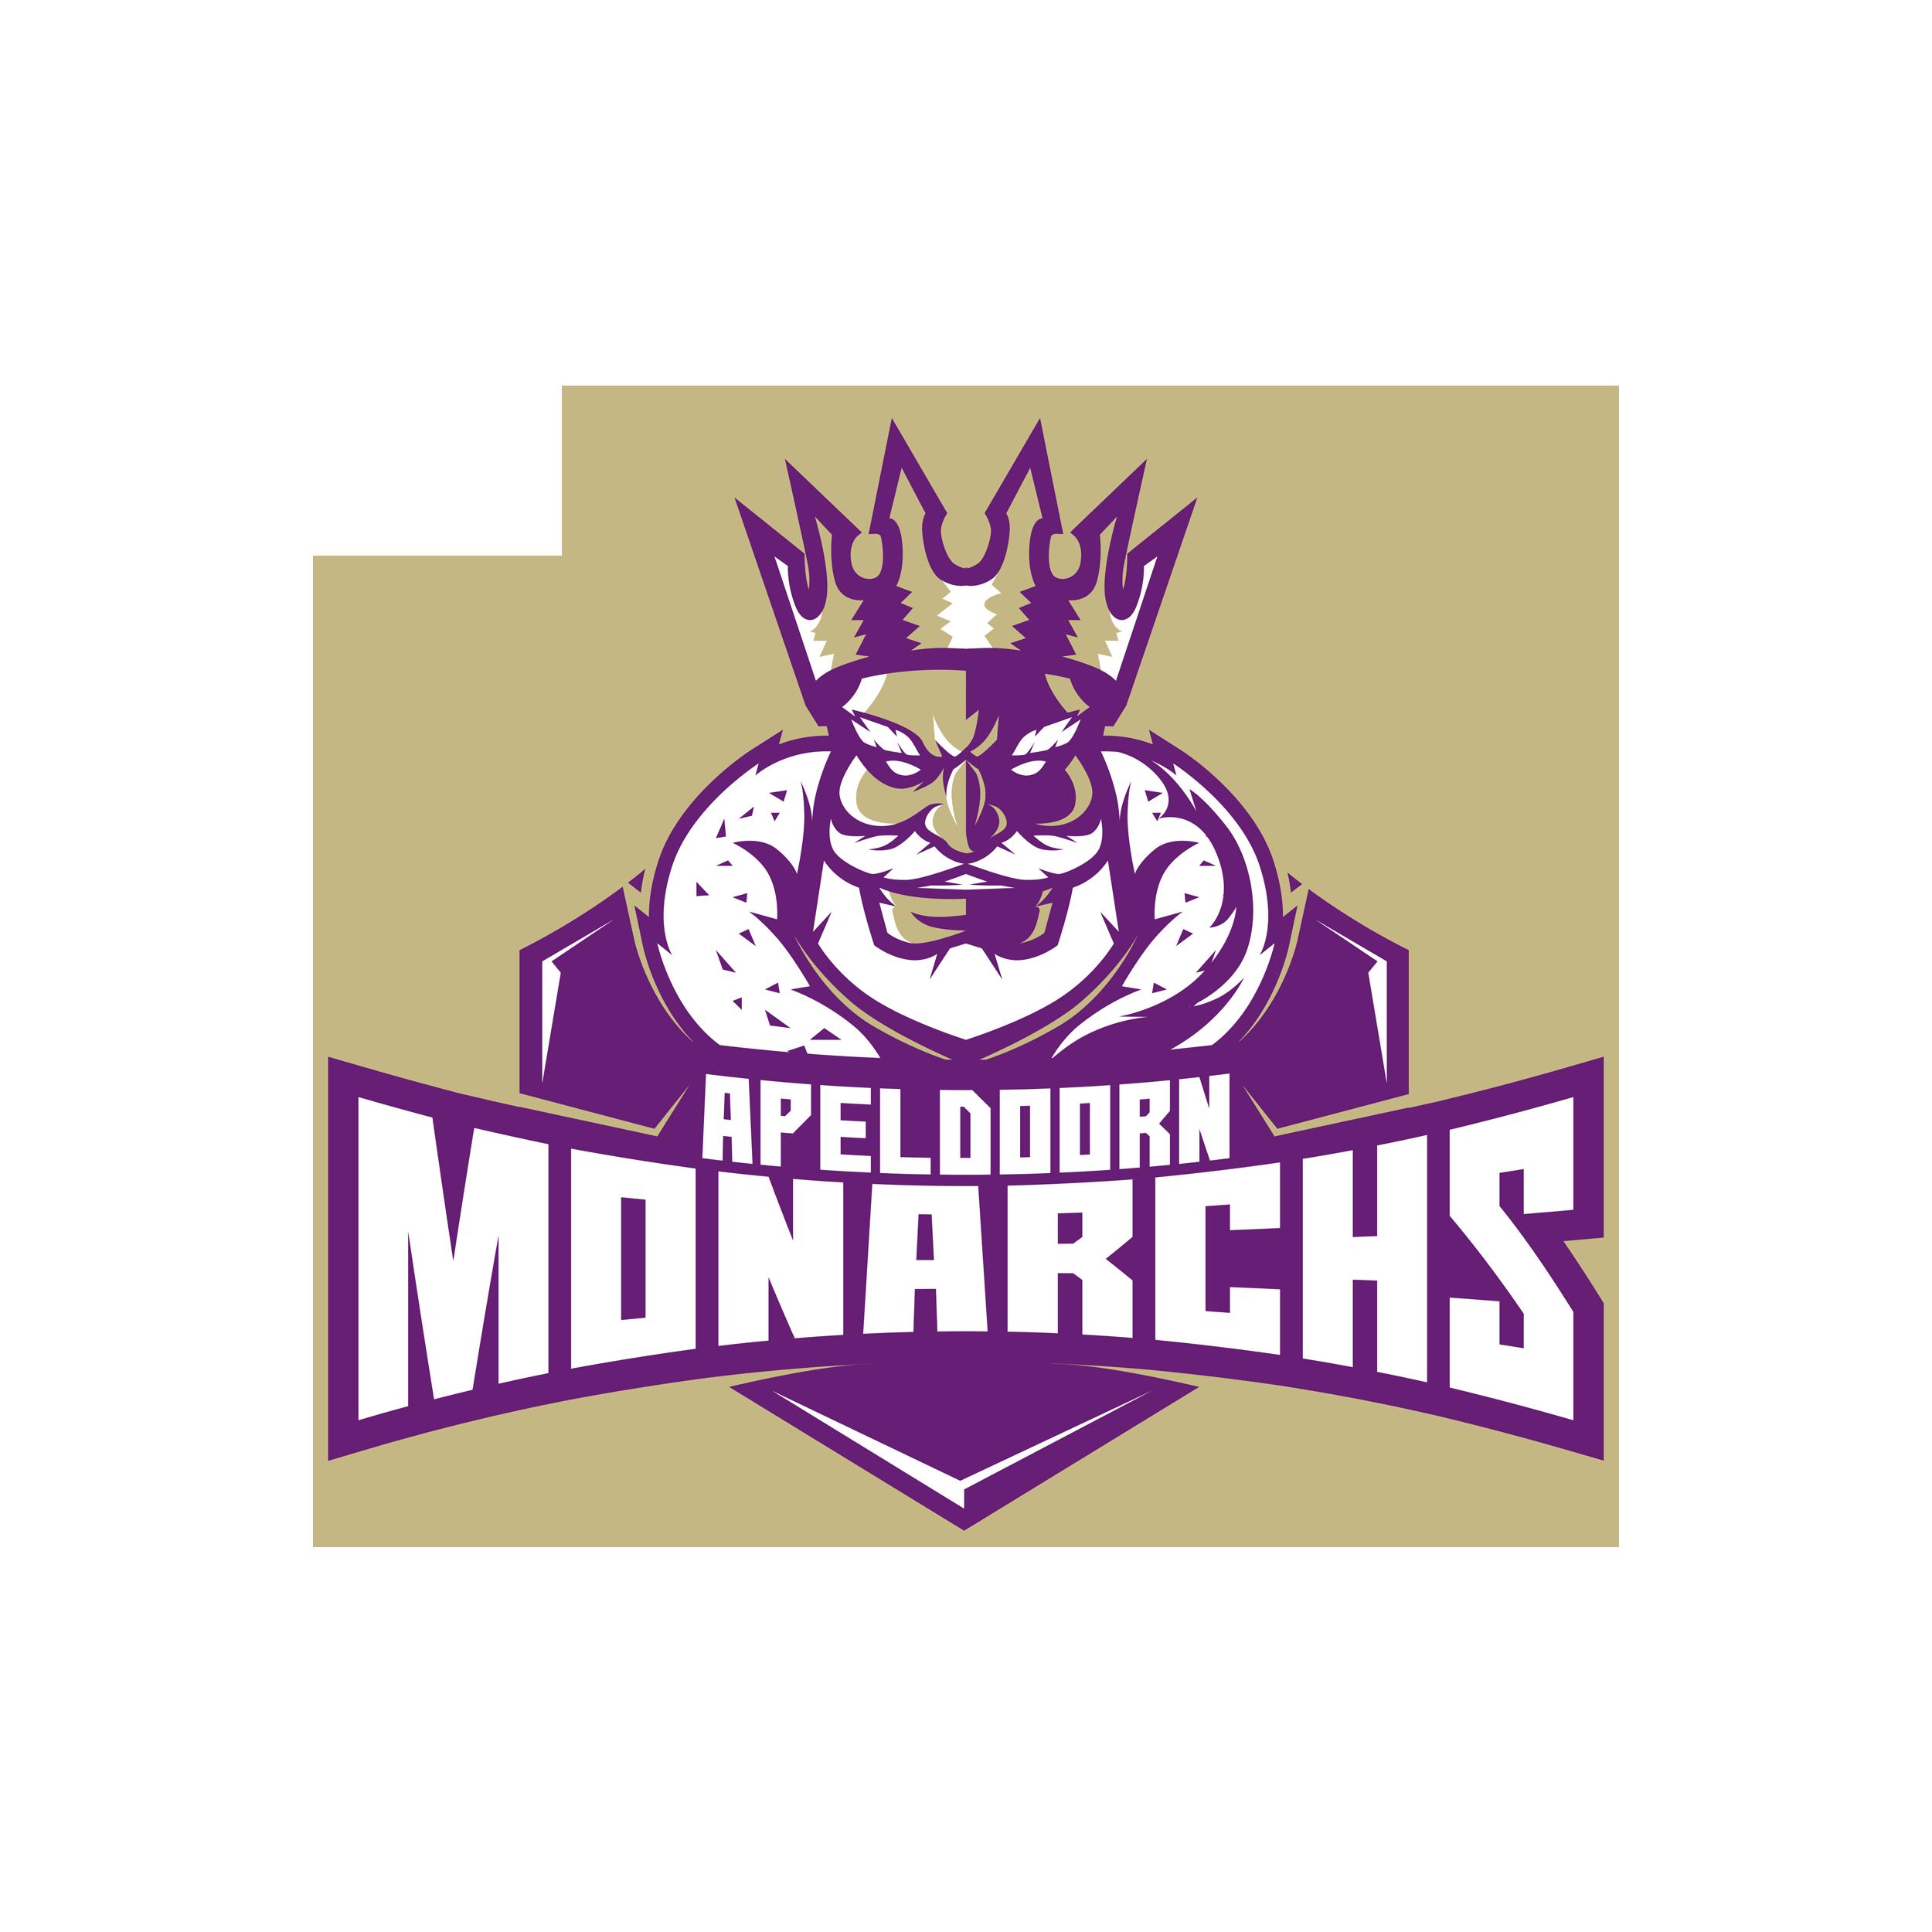 Apeldoorn MONARCHS – Vereniging voor american football & cheerleading